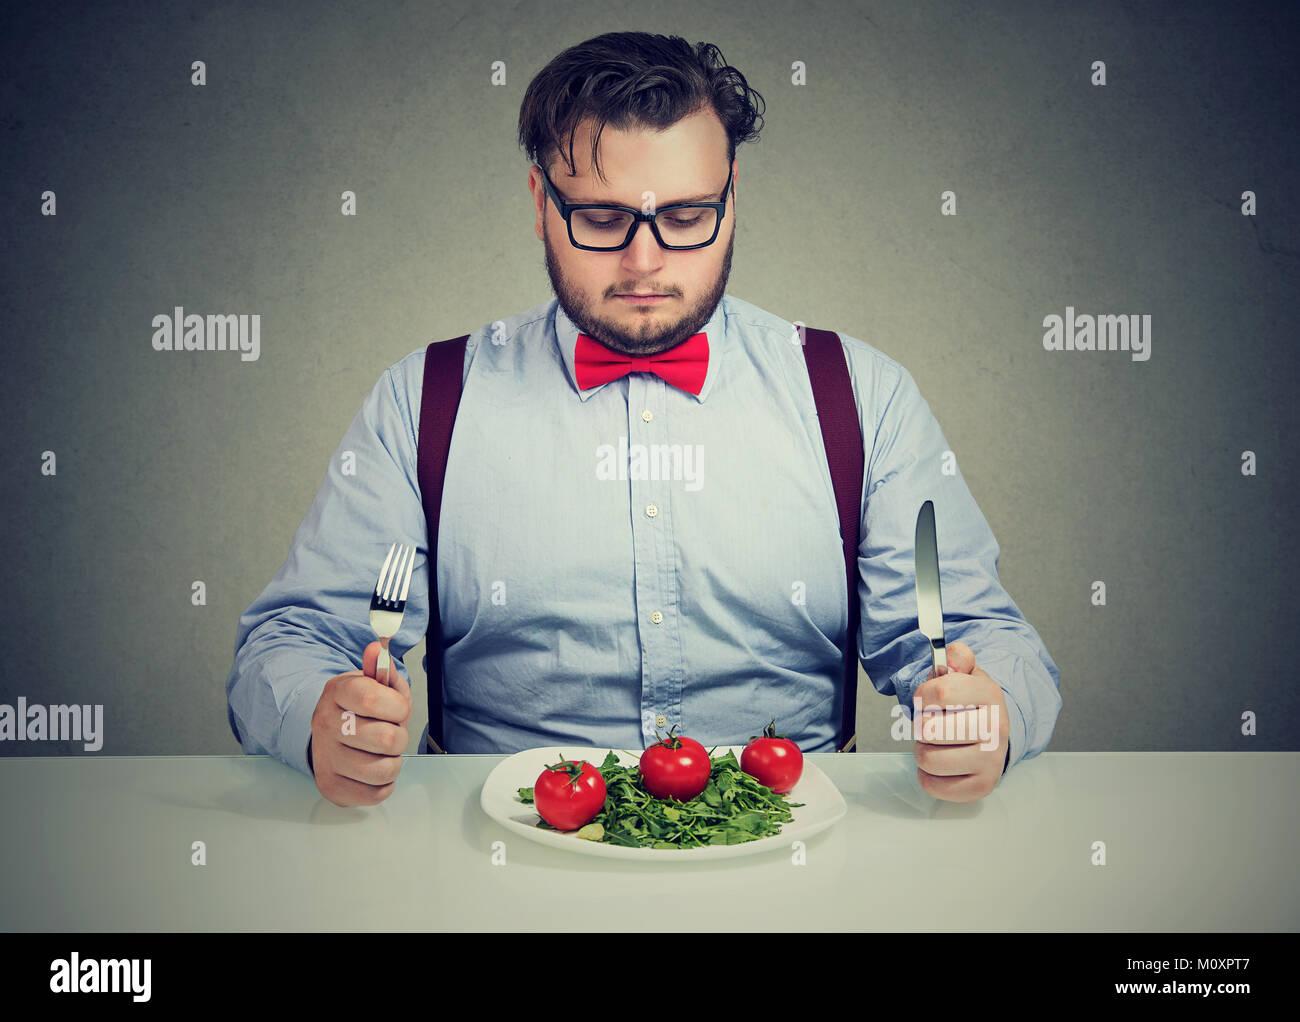 Giovane uomo sovrappeso concentrato su insalata sana cercando di perdere peso. Immagini Stock